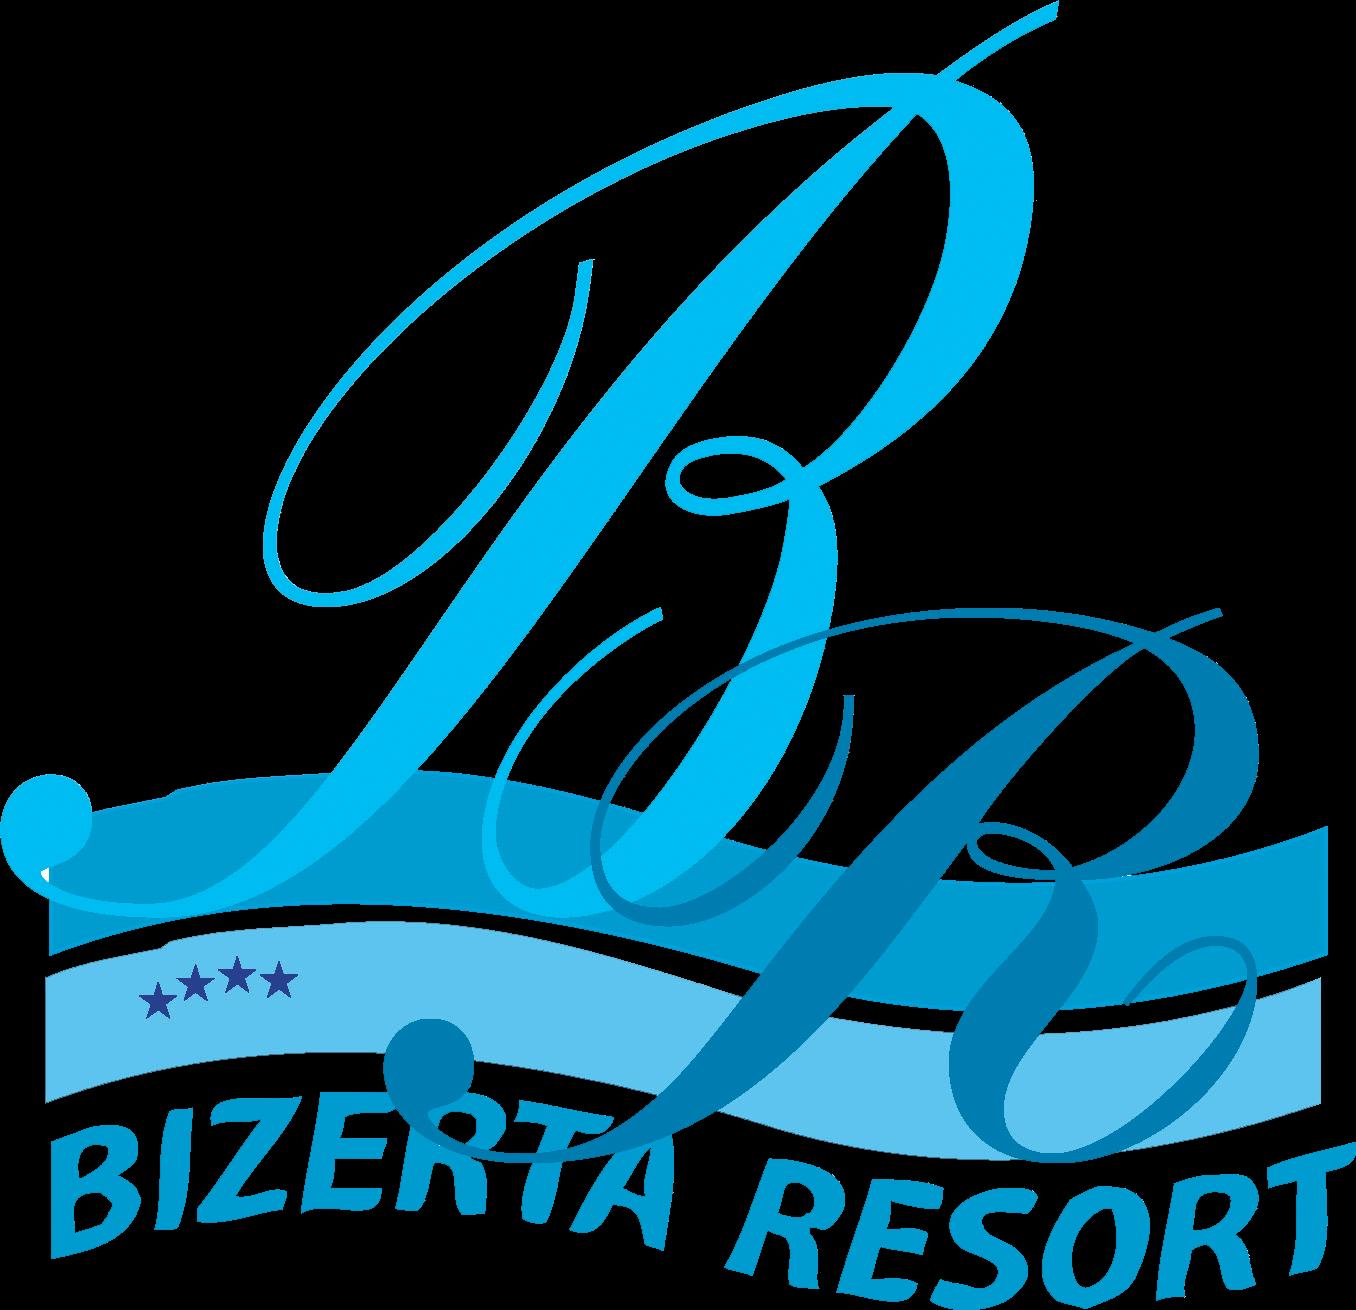 LOGO_Bizerta_Resort.png